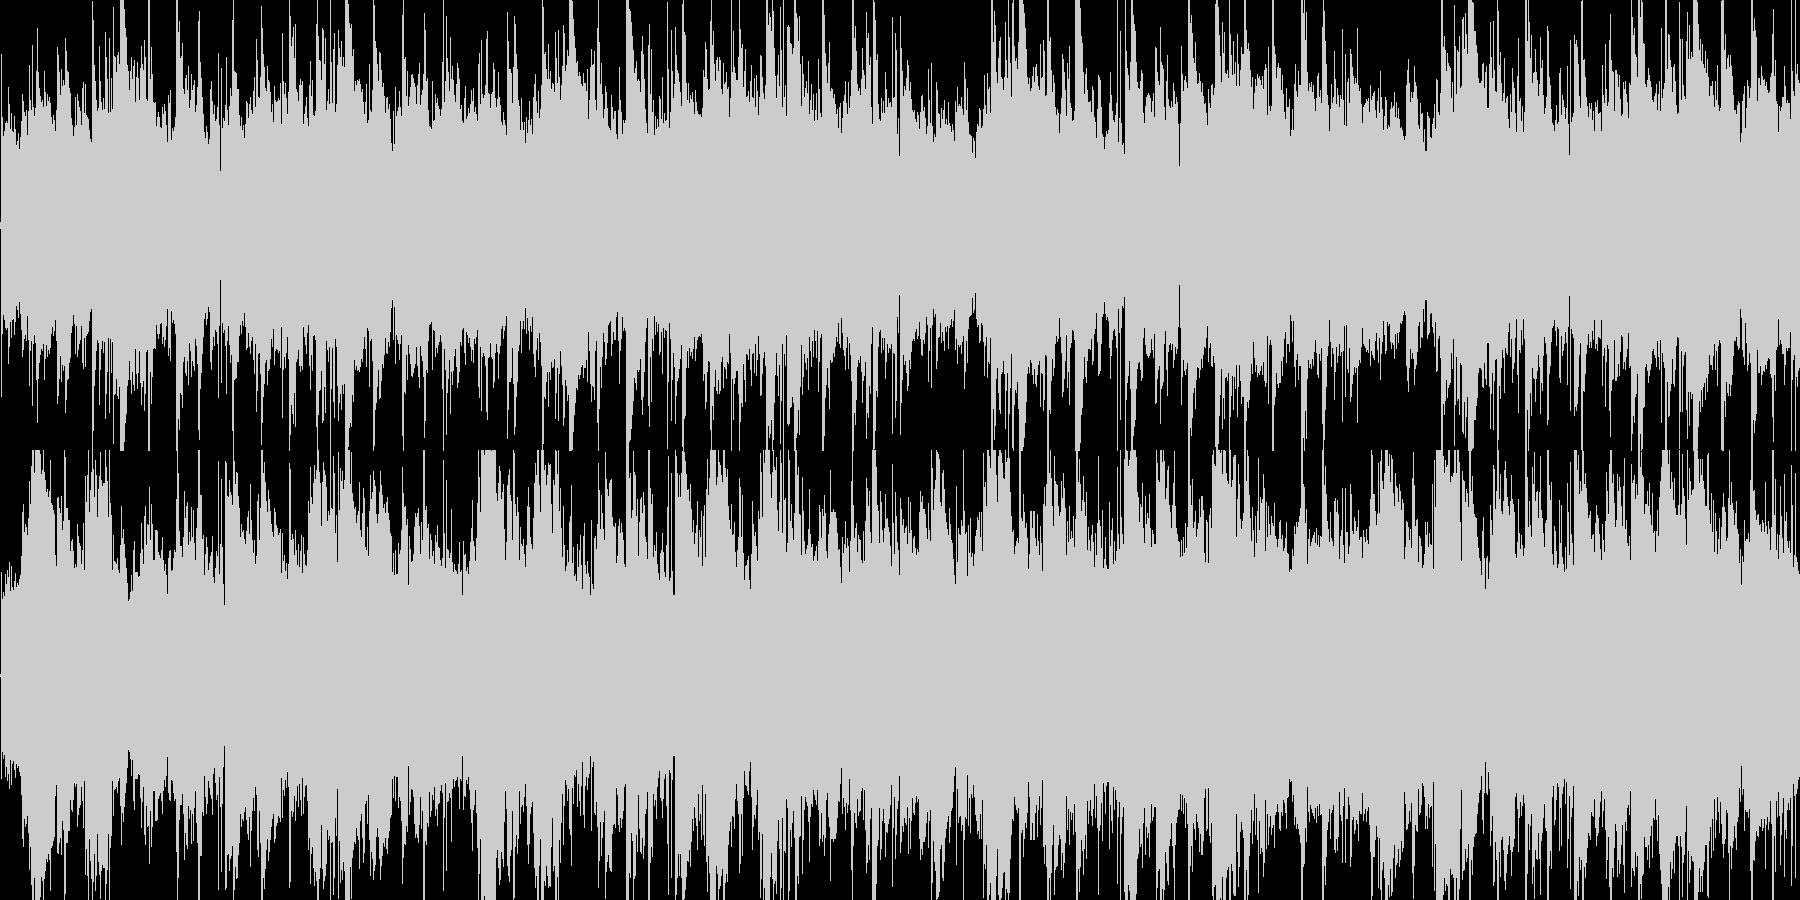 スローで癒しのアコギサウンドの未再生の波形